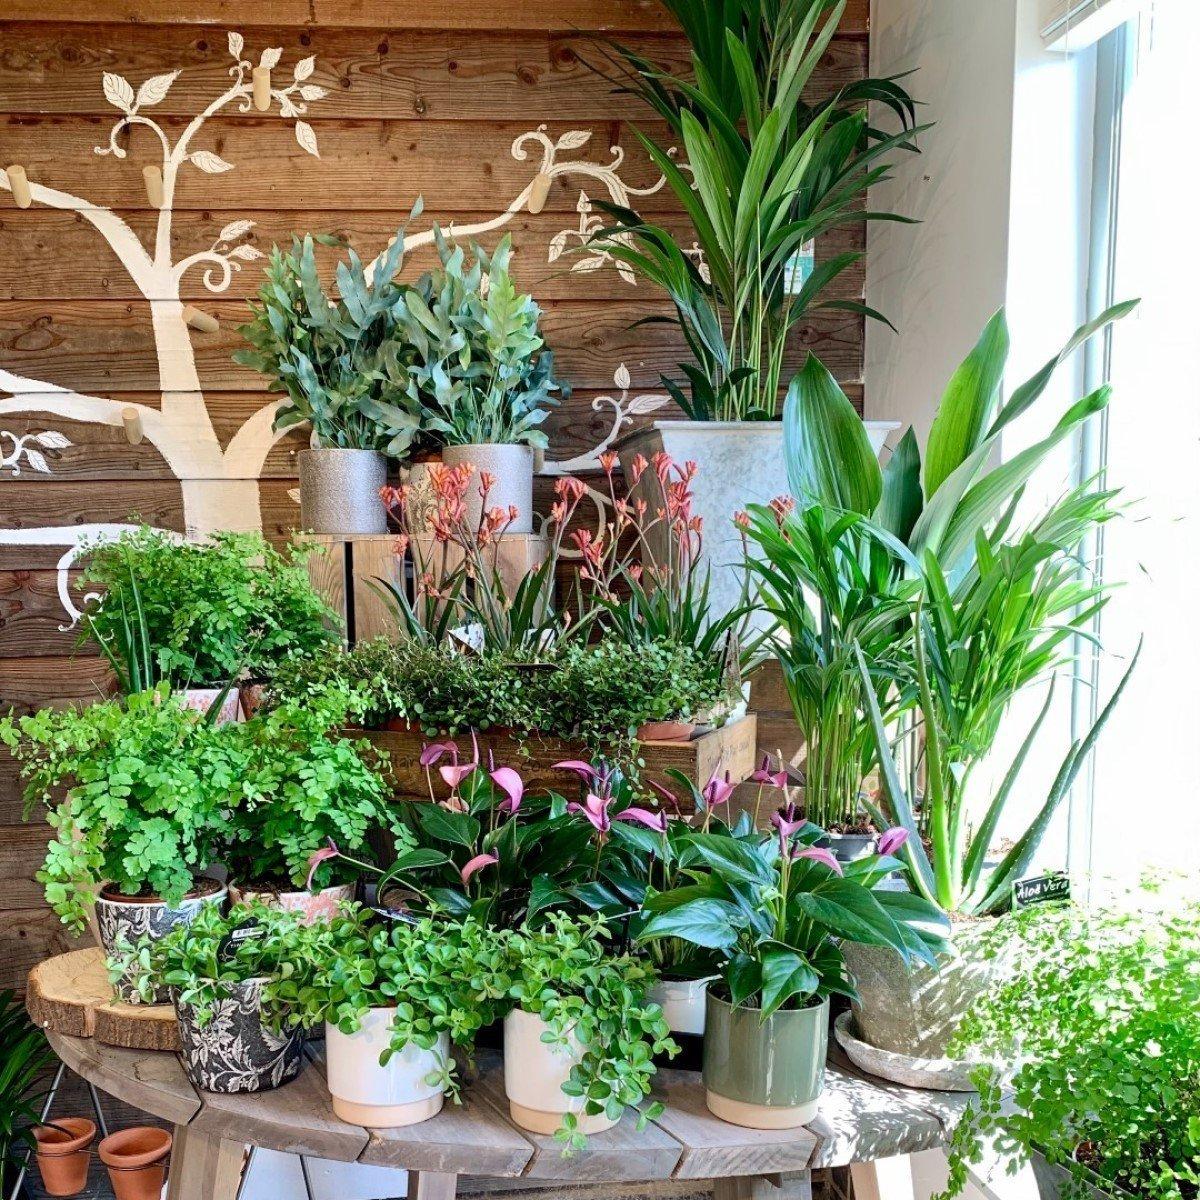 Garden centres to visit in Oxfordshire - Nicholson Nurseries